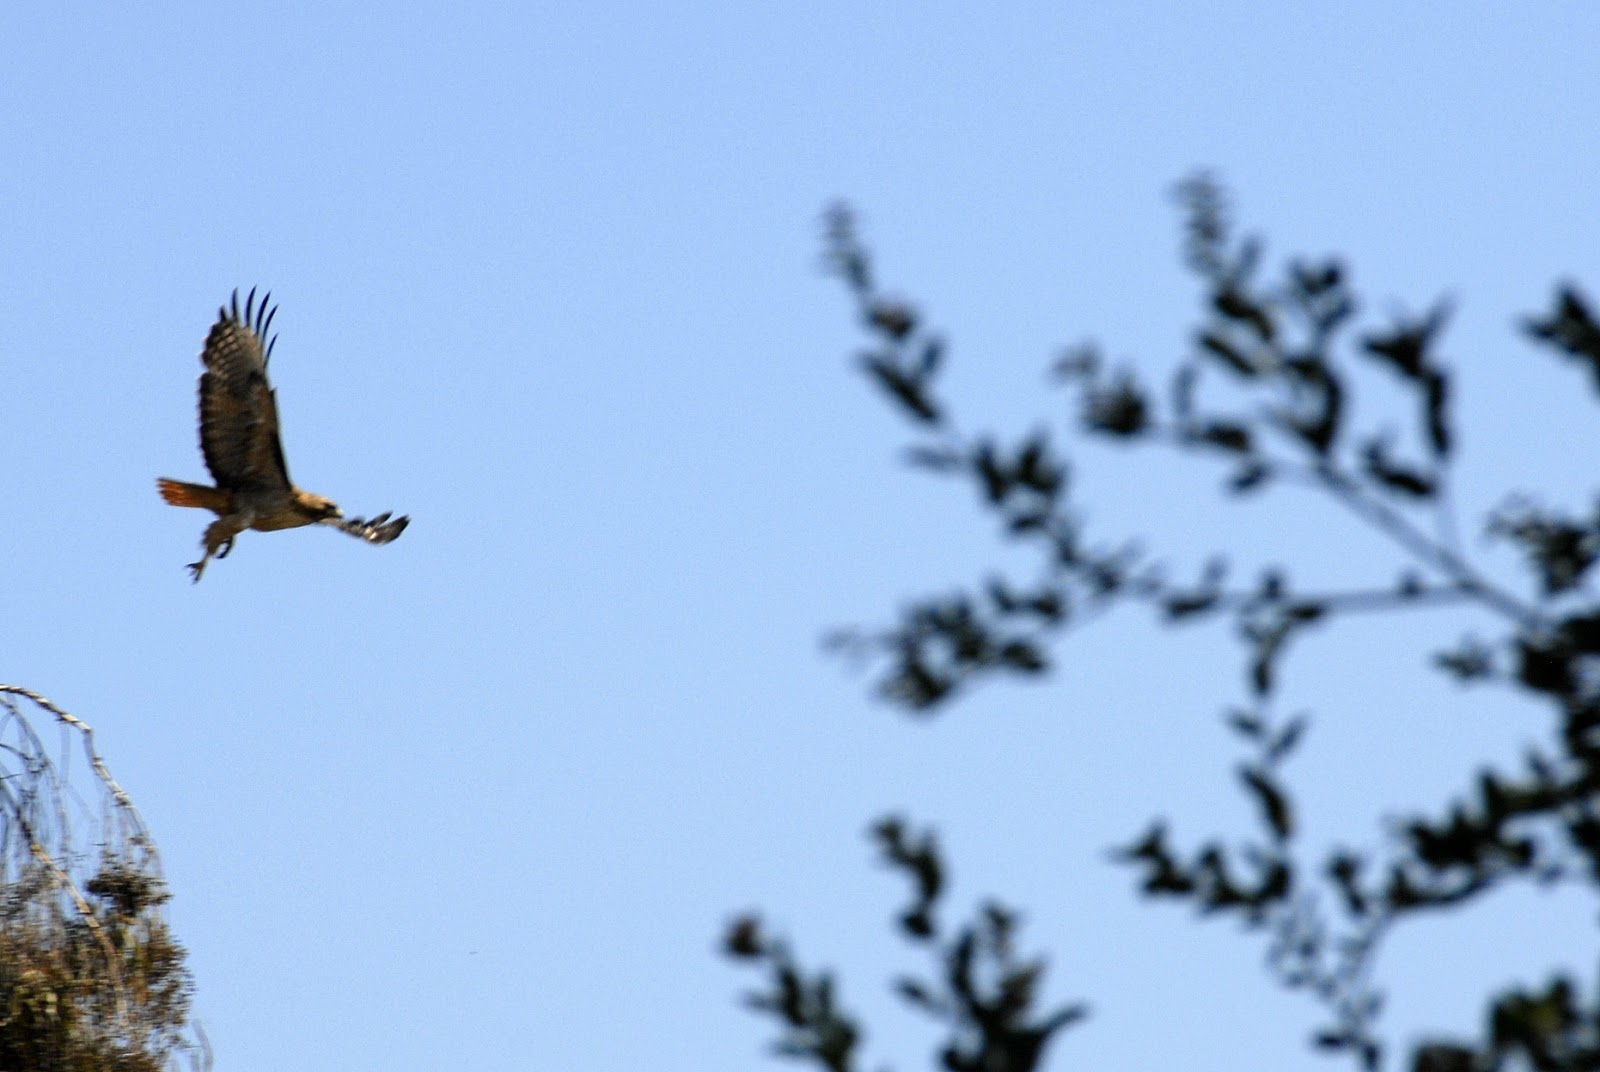 Hawk wing span